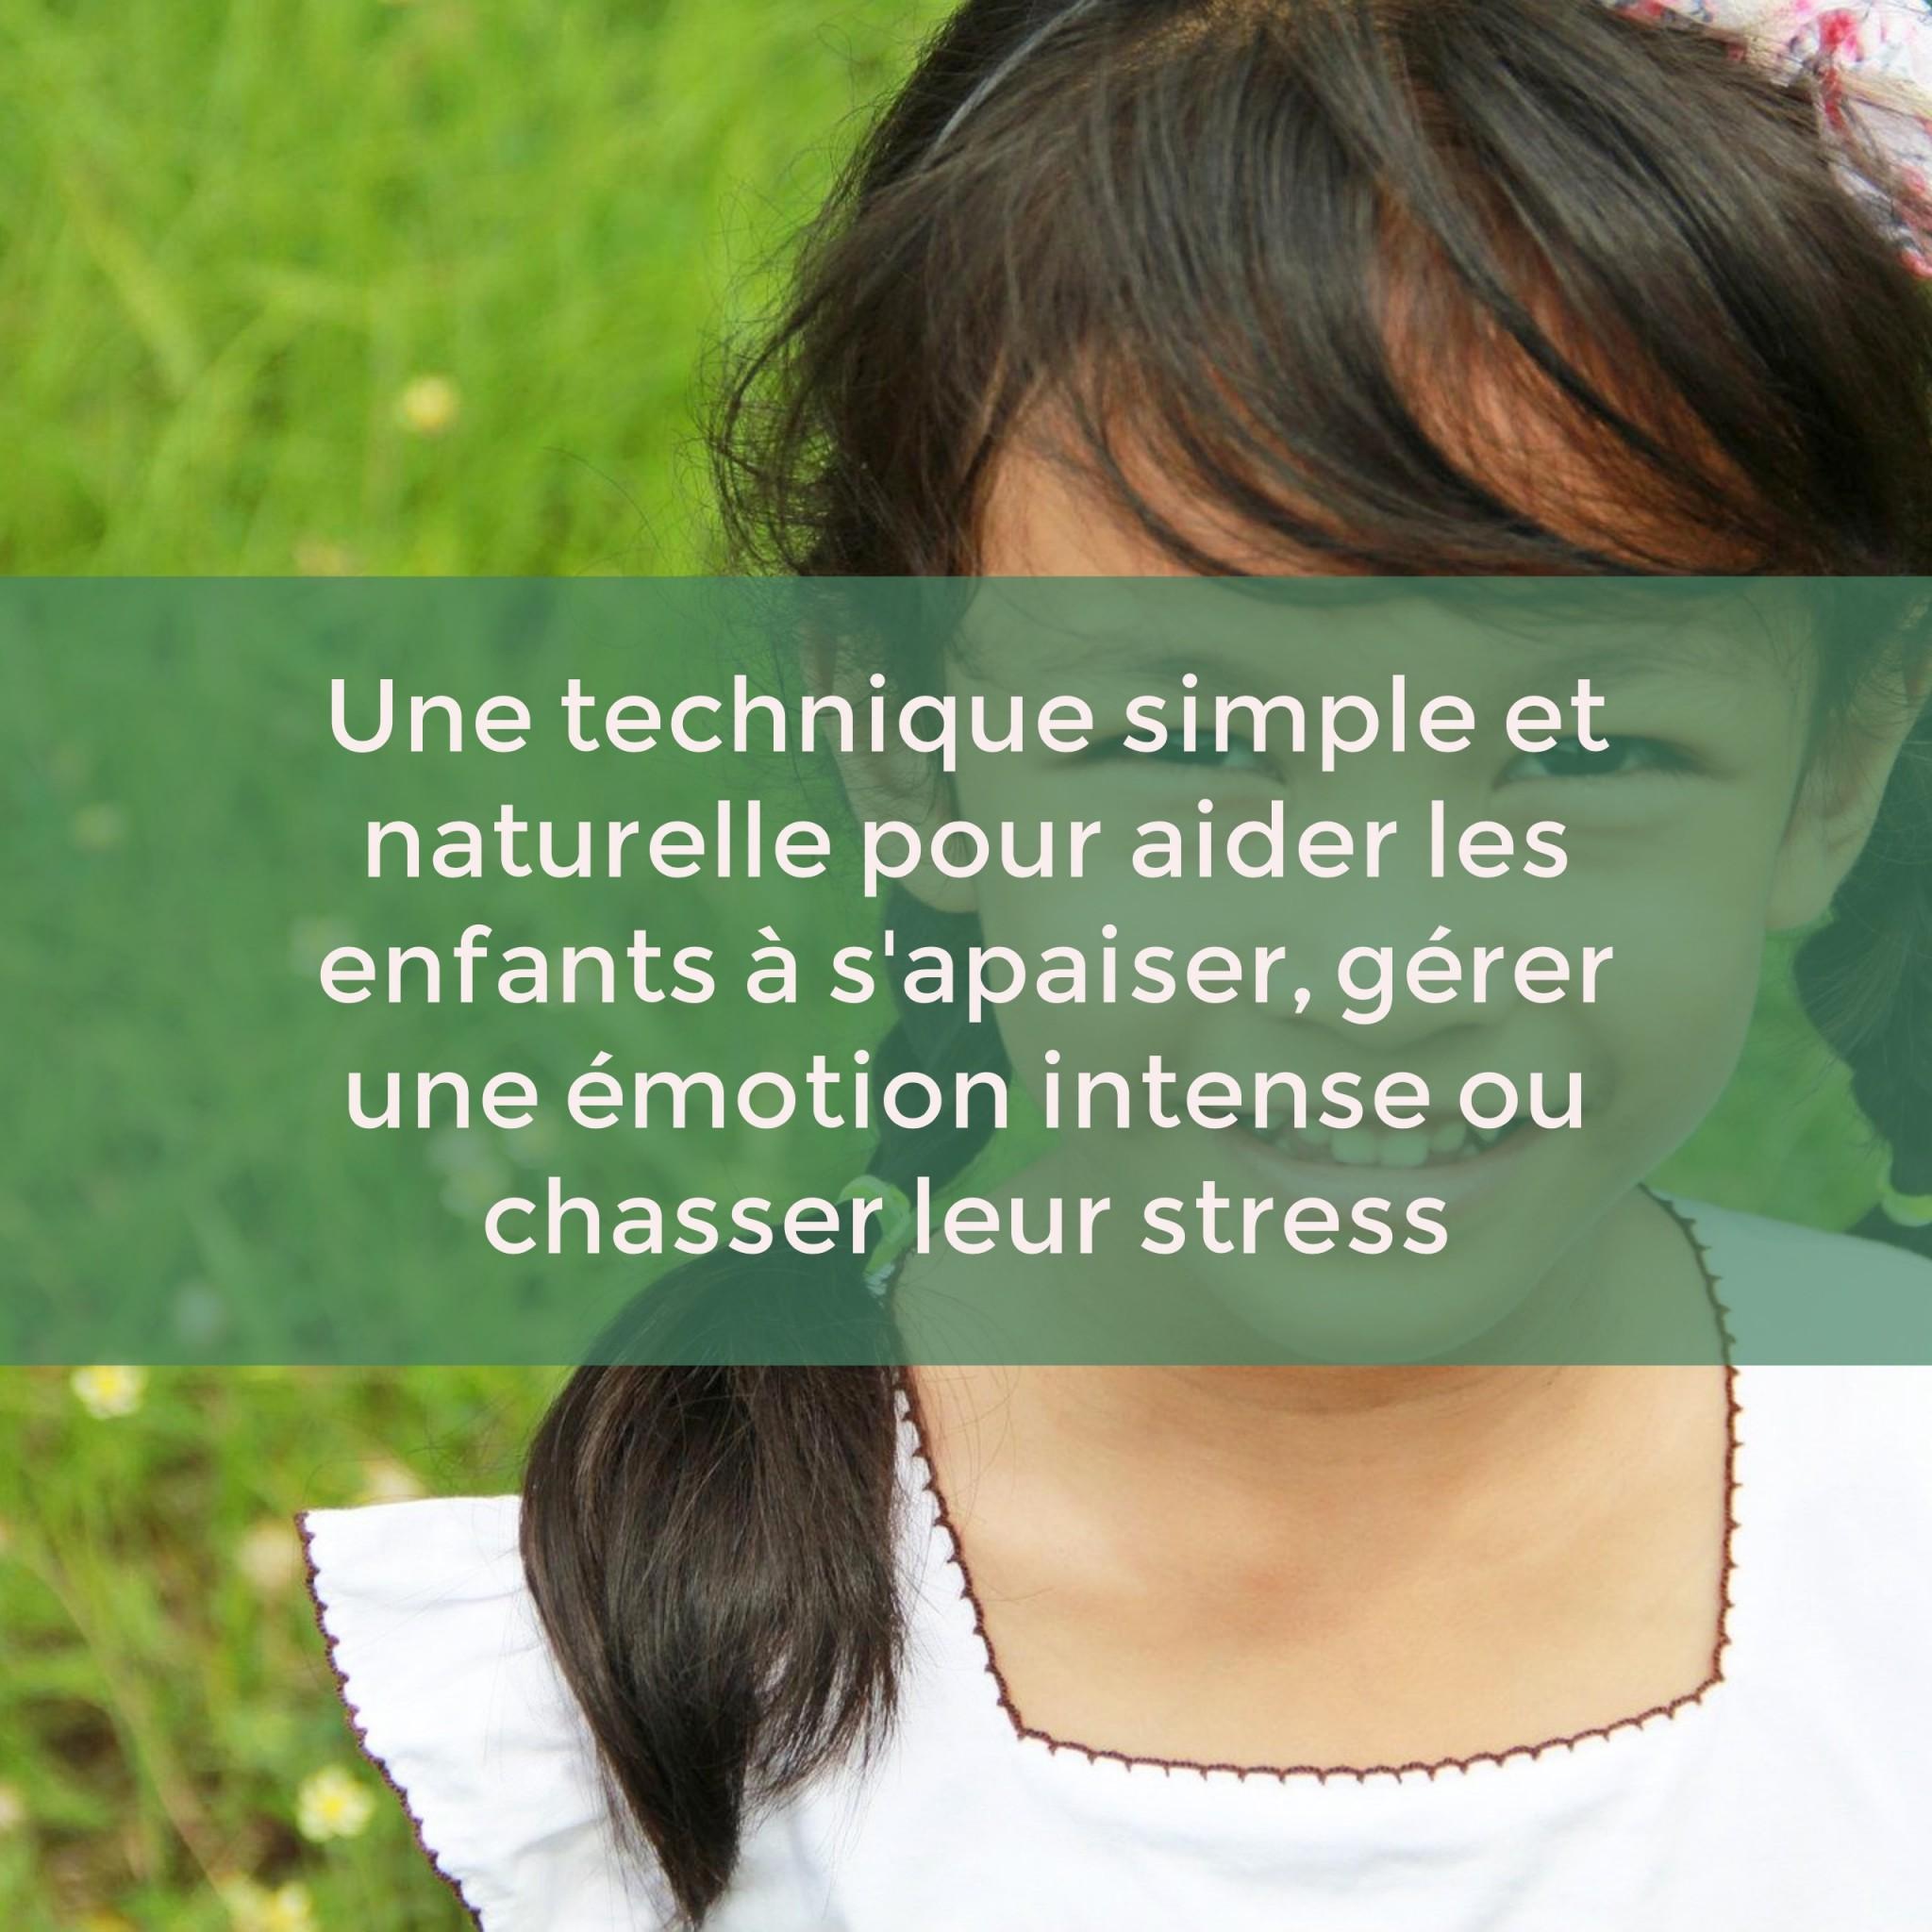 Une technique simple et naturelle pour aider les enfants à s'apaiser, gérer une émotion intense ou chasser leur stress